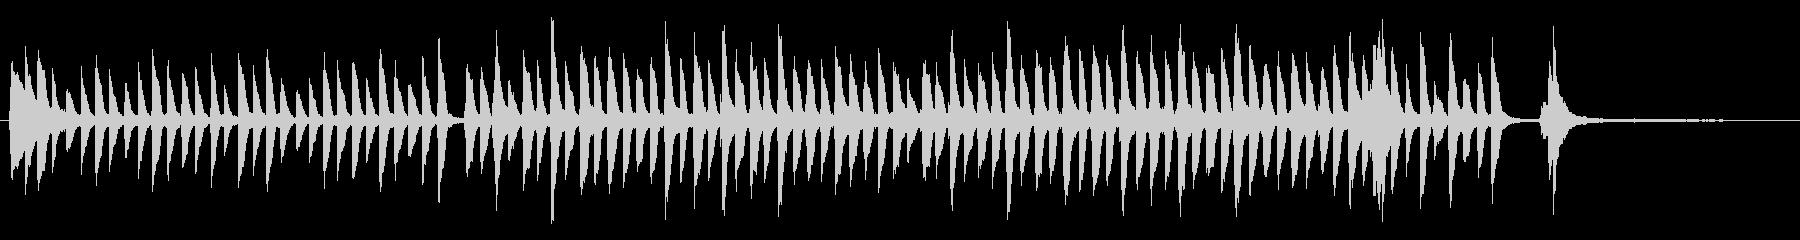 ピアノかわいいジングル 明るくほのぼのの未再生の波形